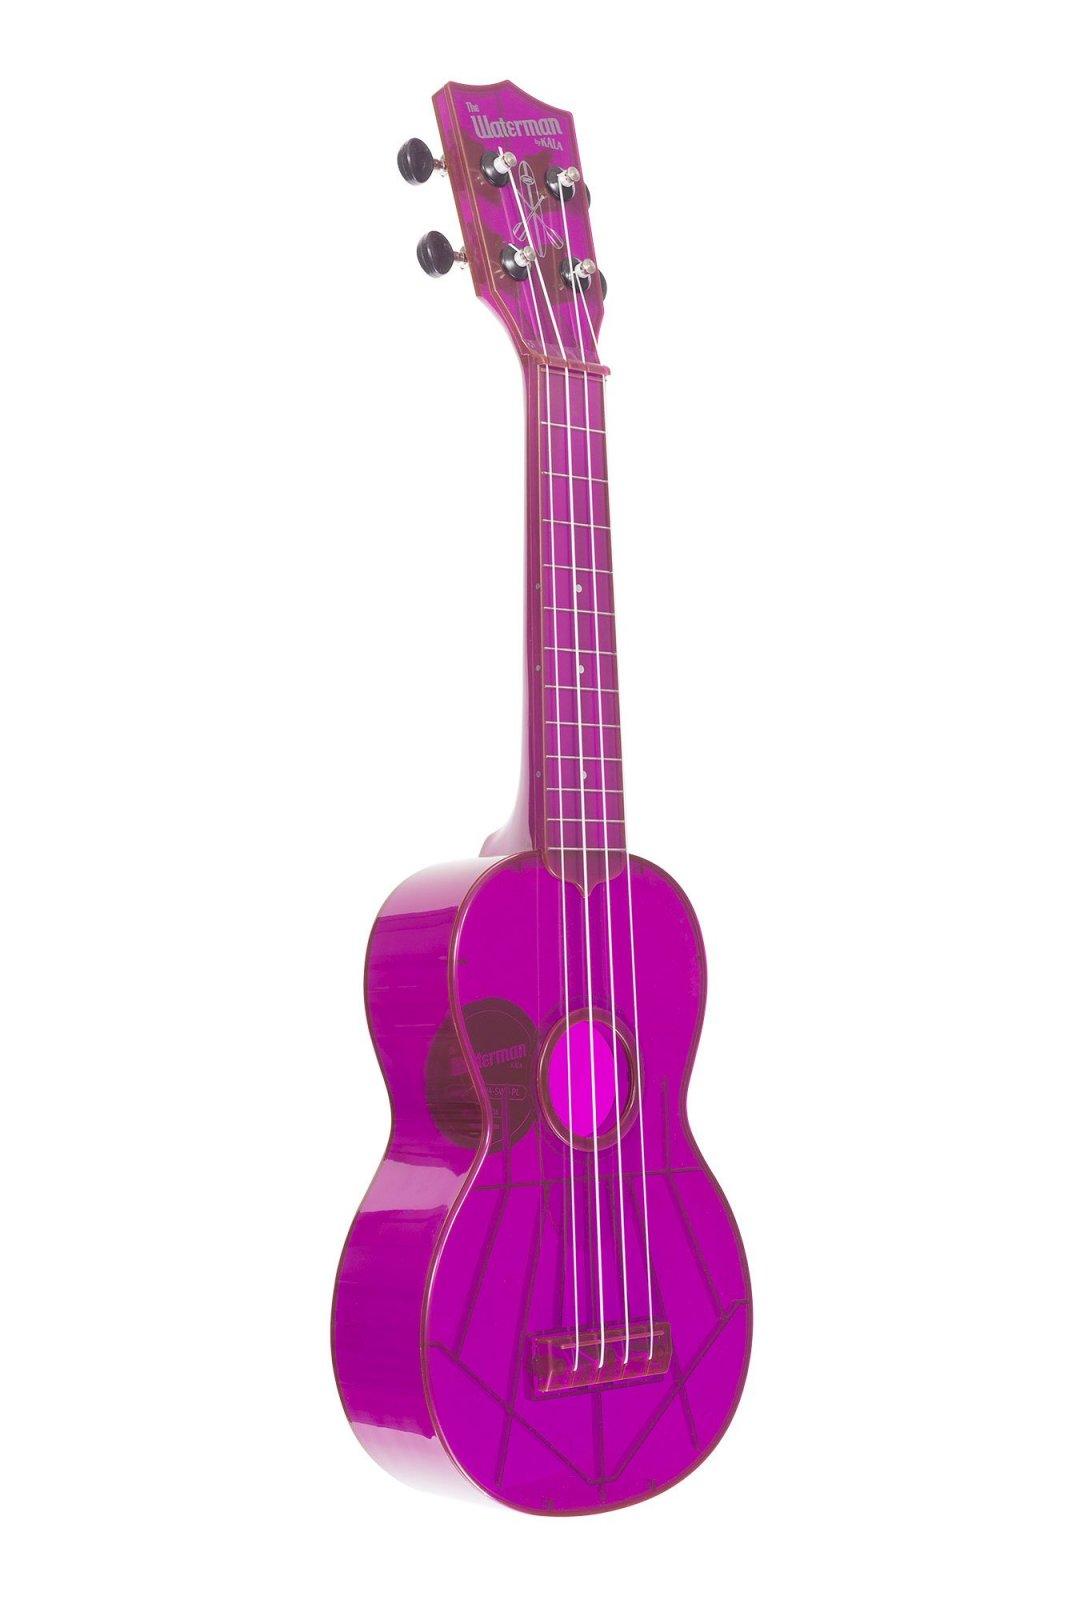 The Waterman by Kala - Purple